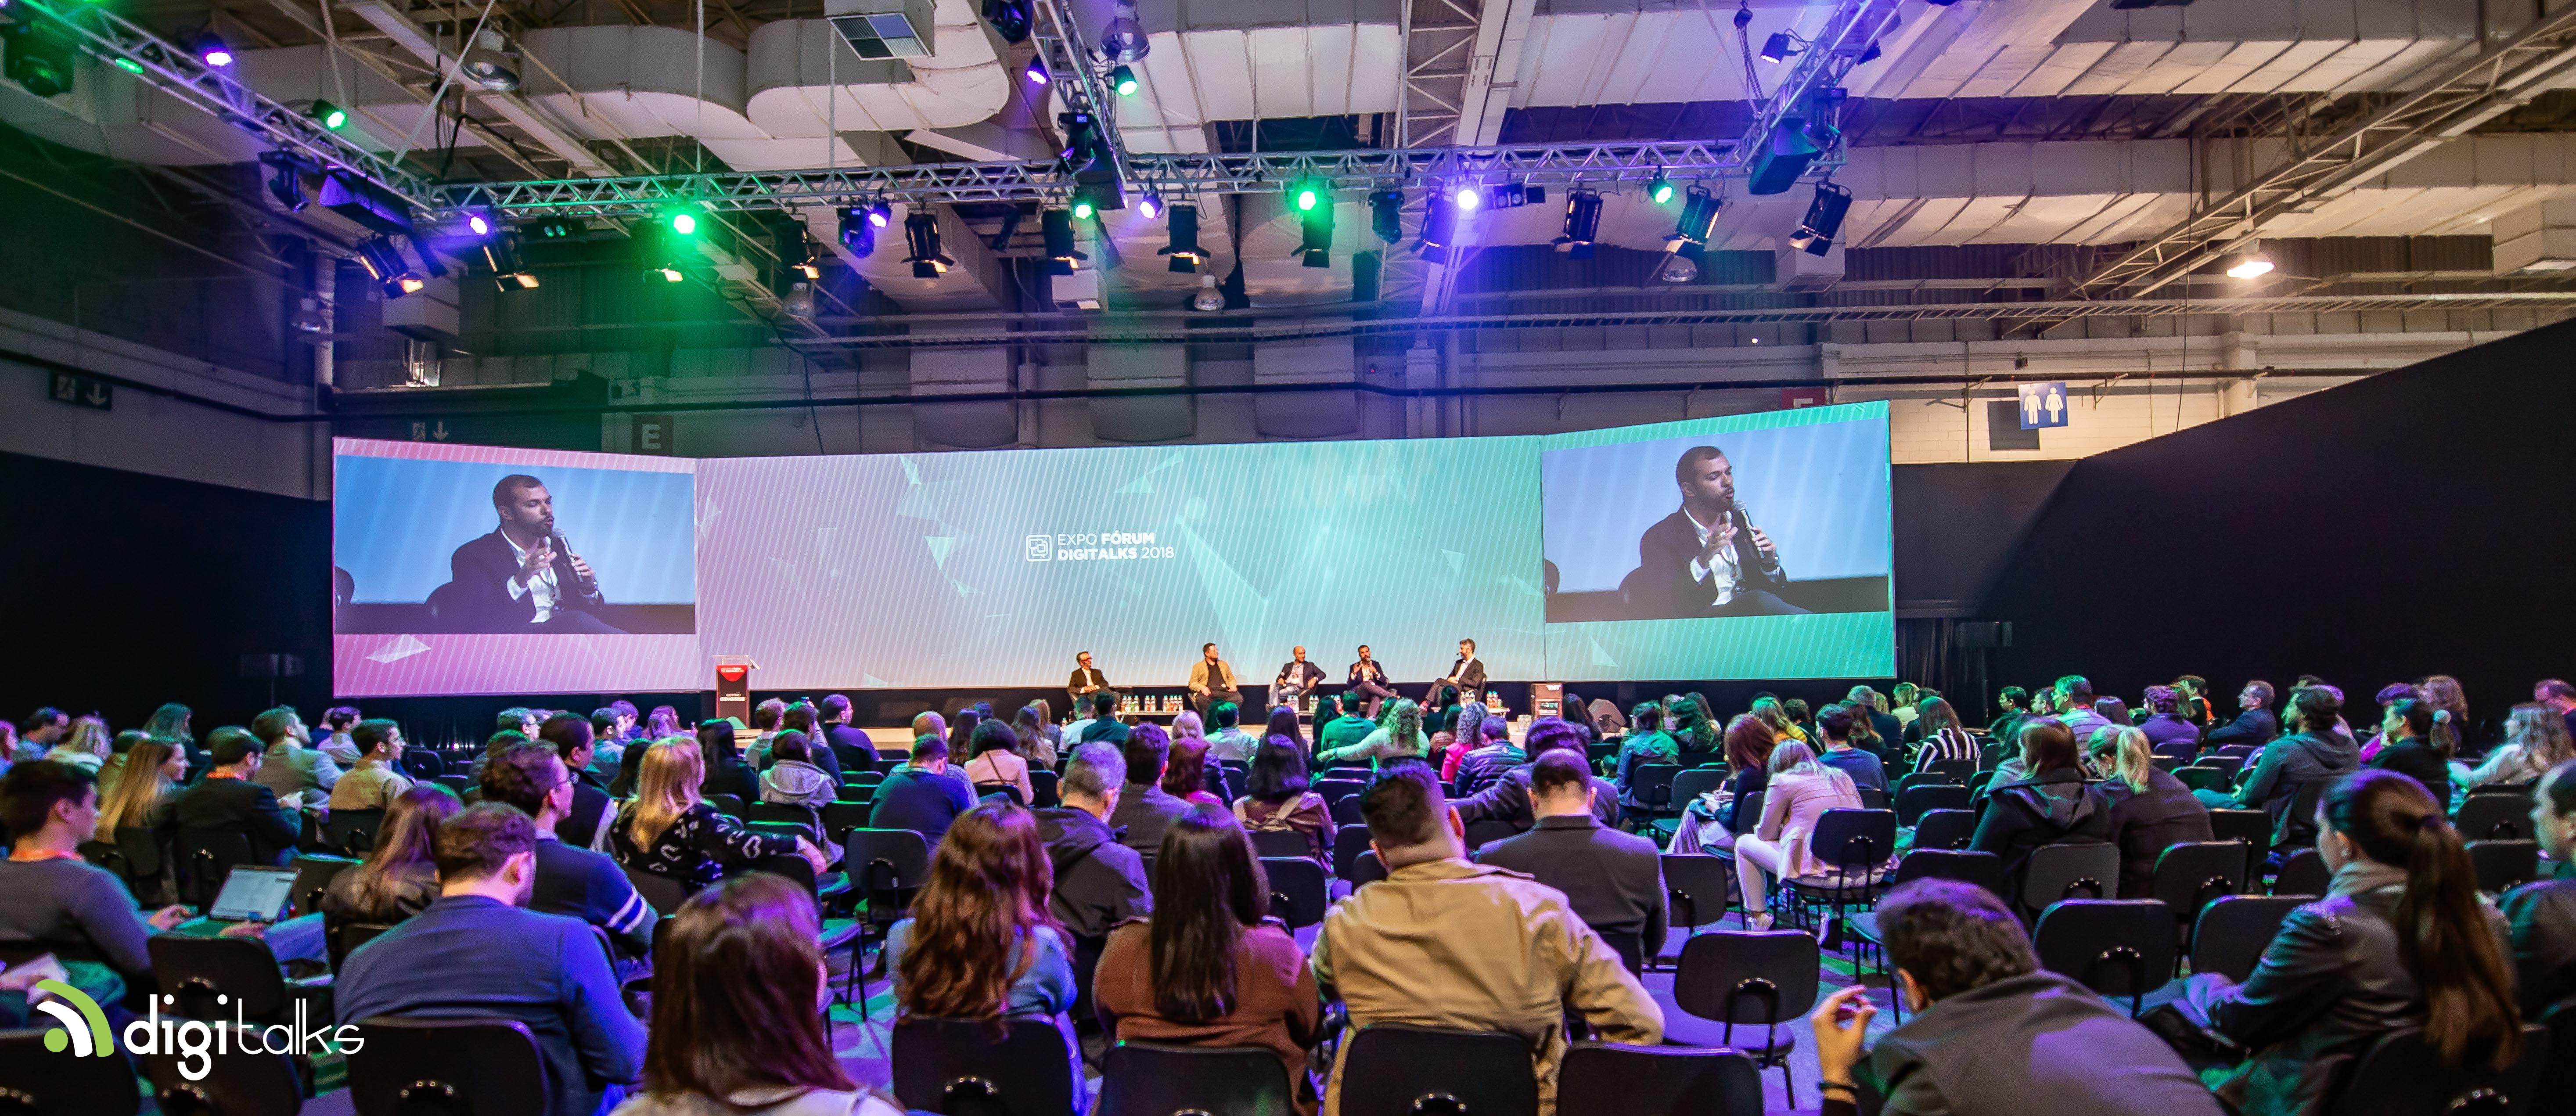 Foto. Platéia do Expo Digitalks está sentada em cadeiras. Ao fundo um grande telão e um palco. Em cima do palco estão alguns palestrantes do evento.